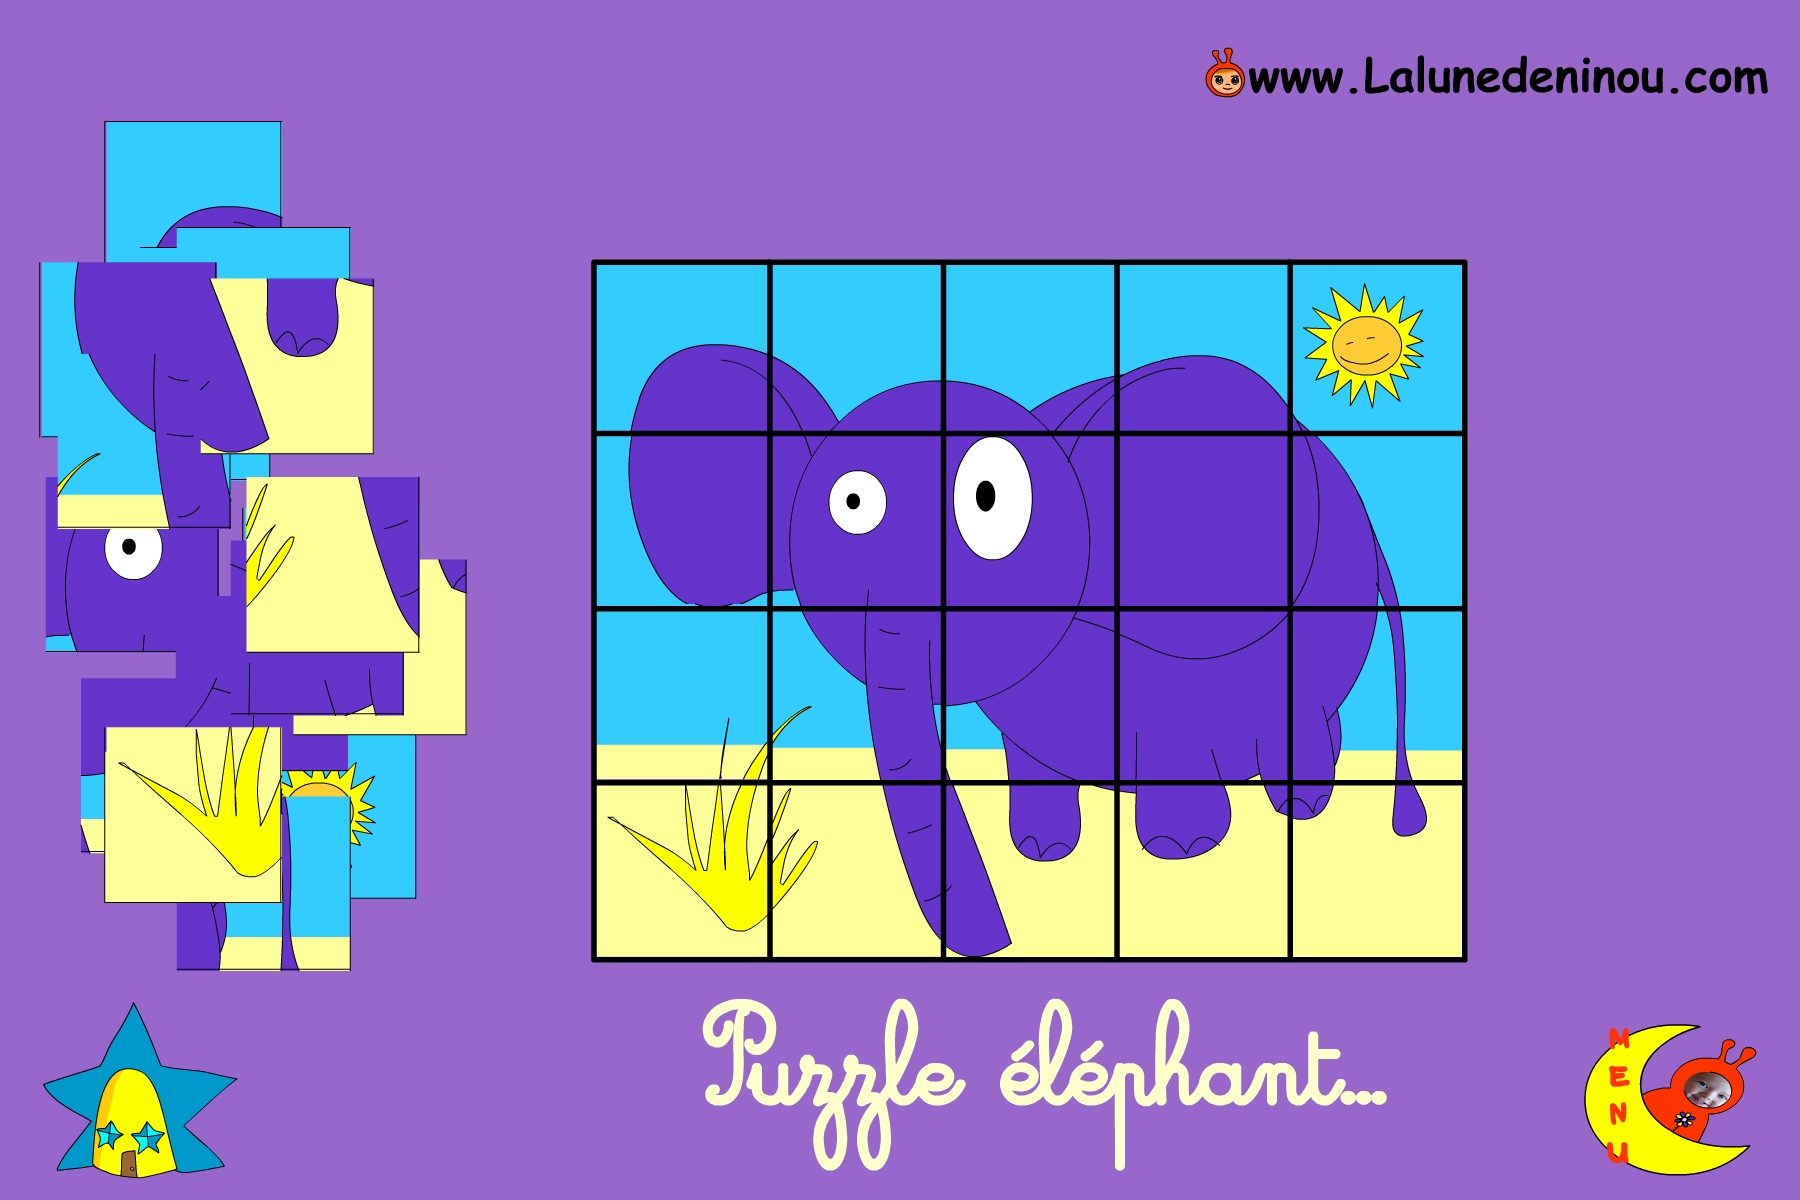 Puzzle En Ligne Pour Enfant De Maternelle - Lalunedeninou pour Jeux Pour Petite Fille De 4 Ans Gratuit